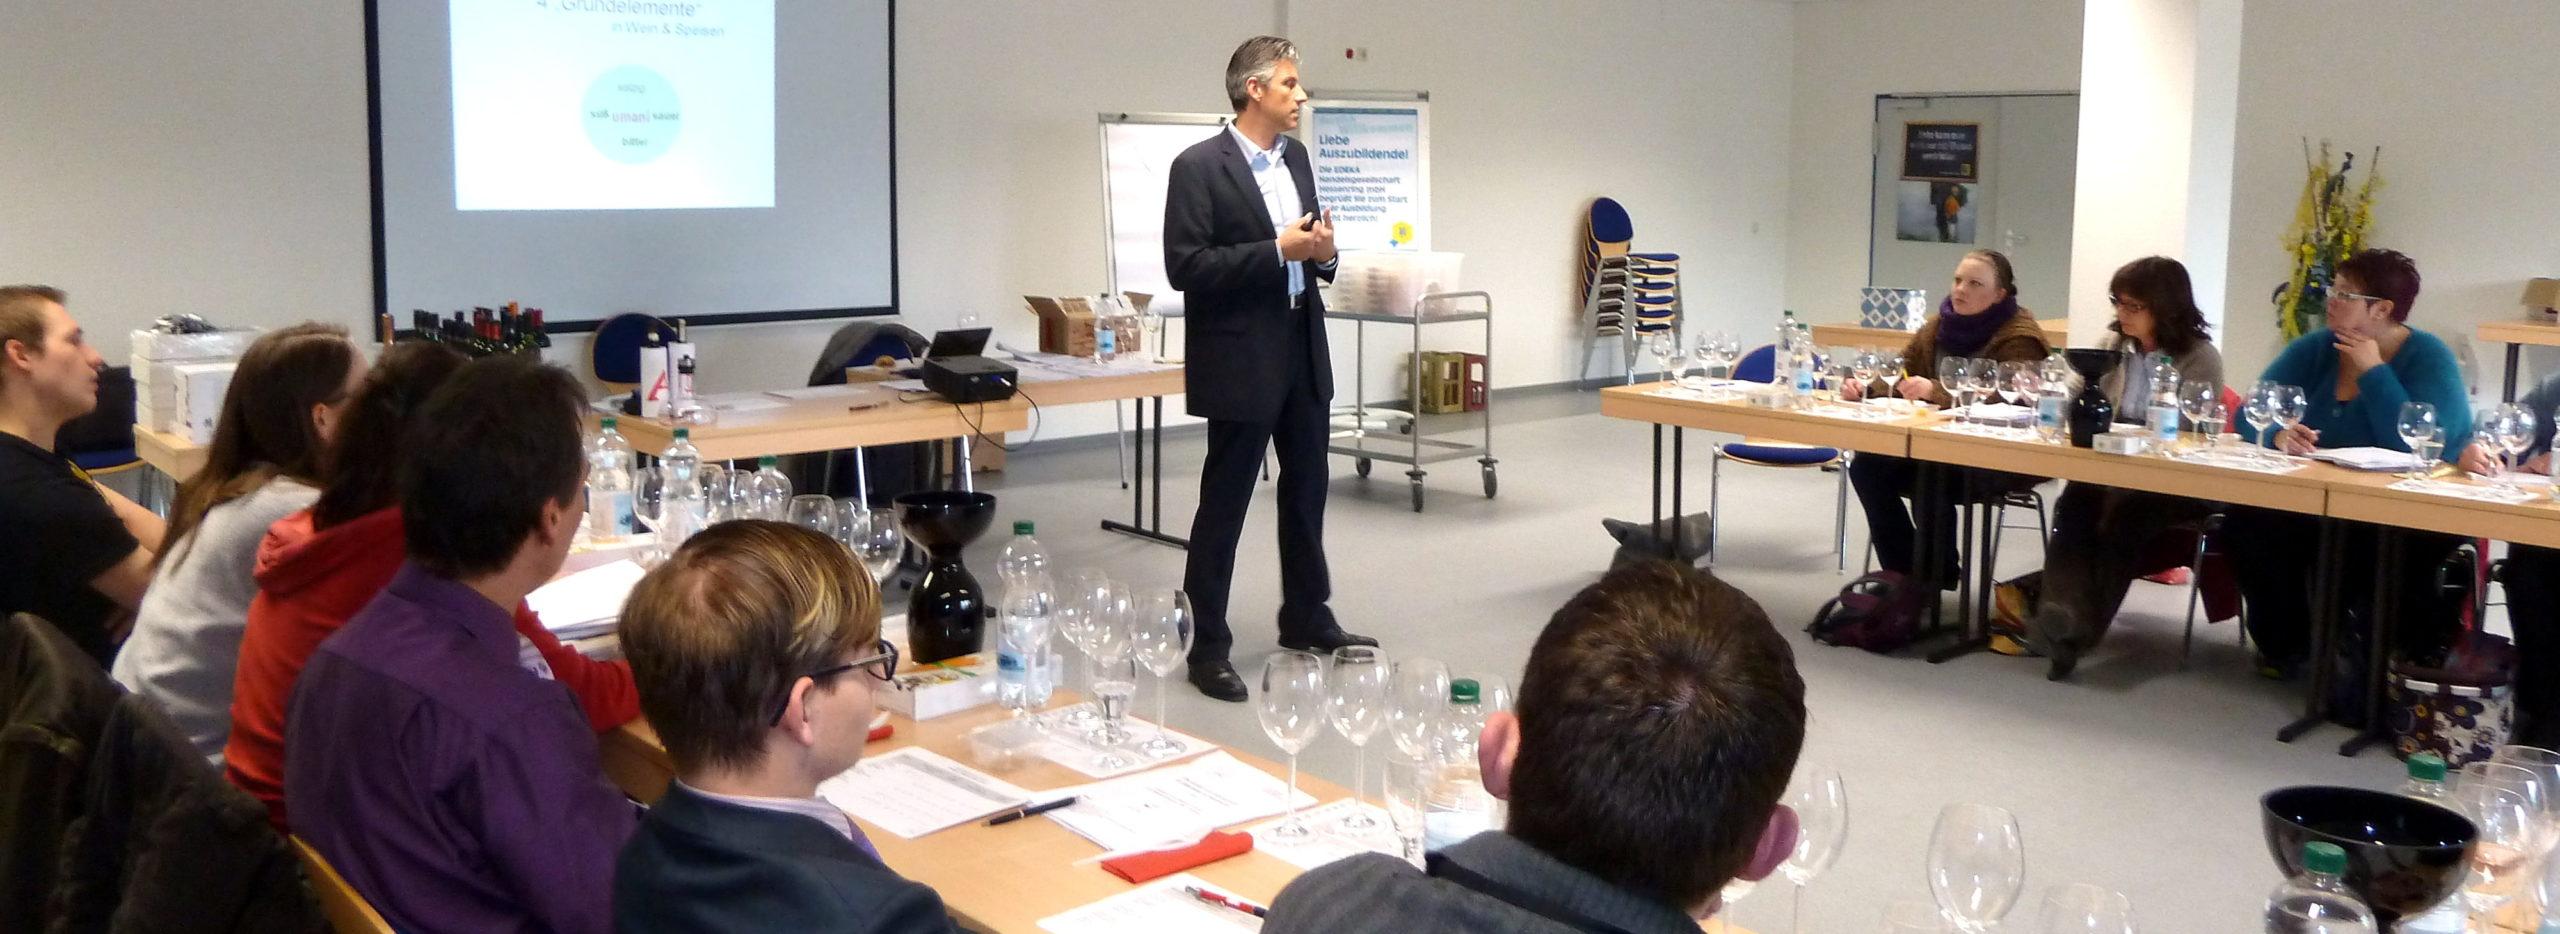 FUW-WeinkennerDiplom IHK-zertifiziert - Diplom-Seminar